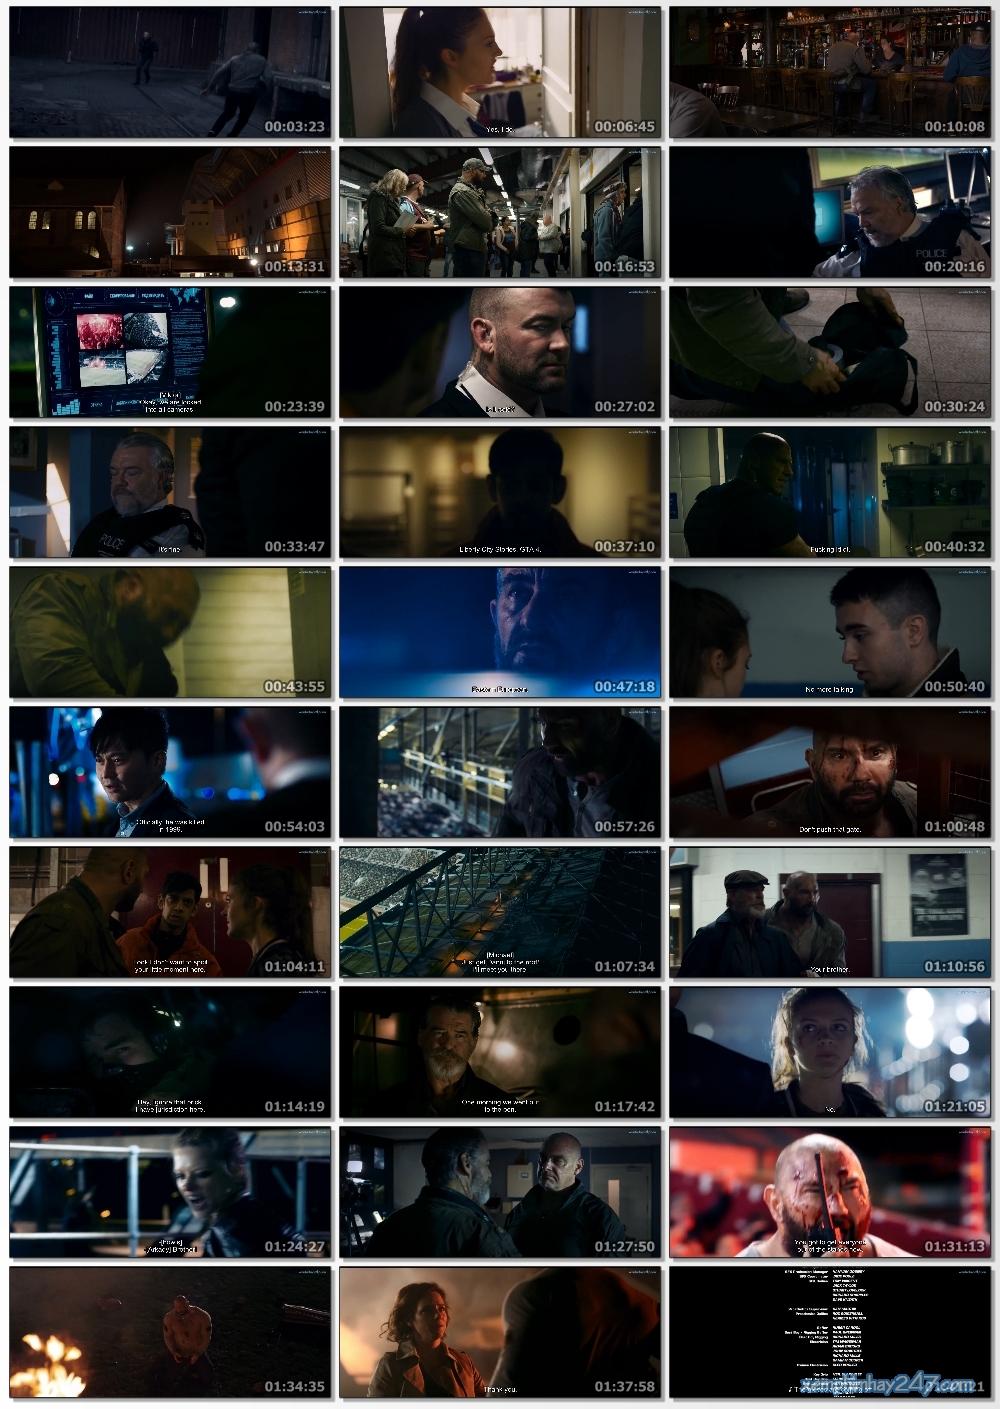 http://xemphimhay247.com - Xem phim hay 247 - Trận Bóng Kinh Hoàng (2018) - Final Score (2018)